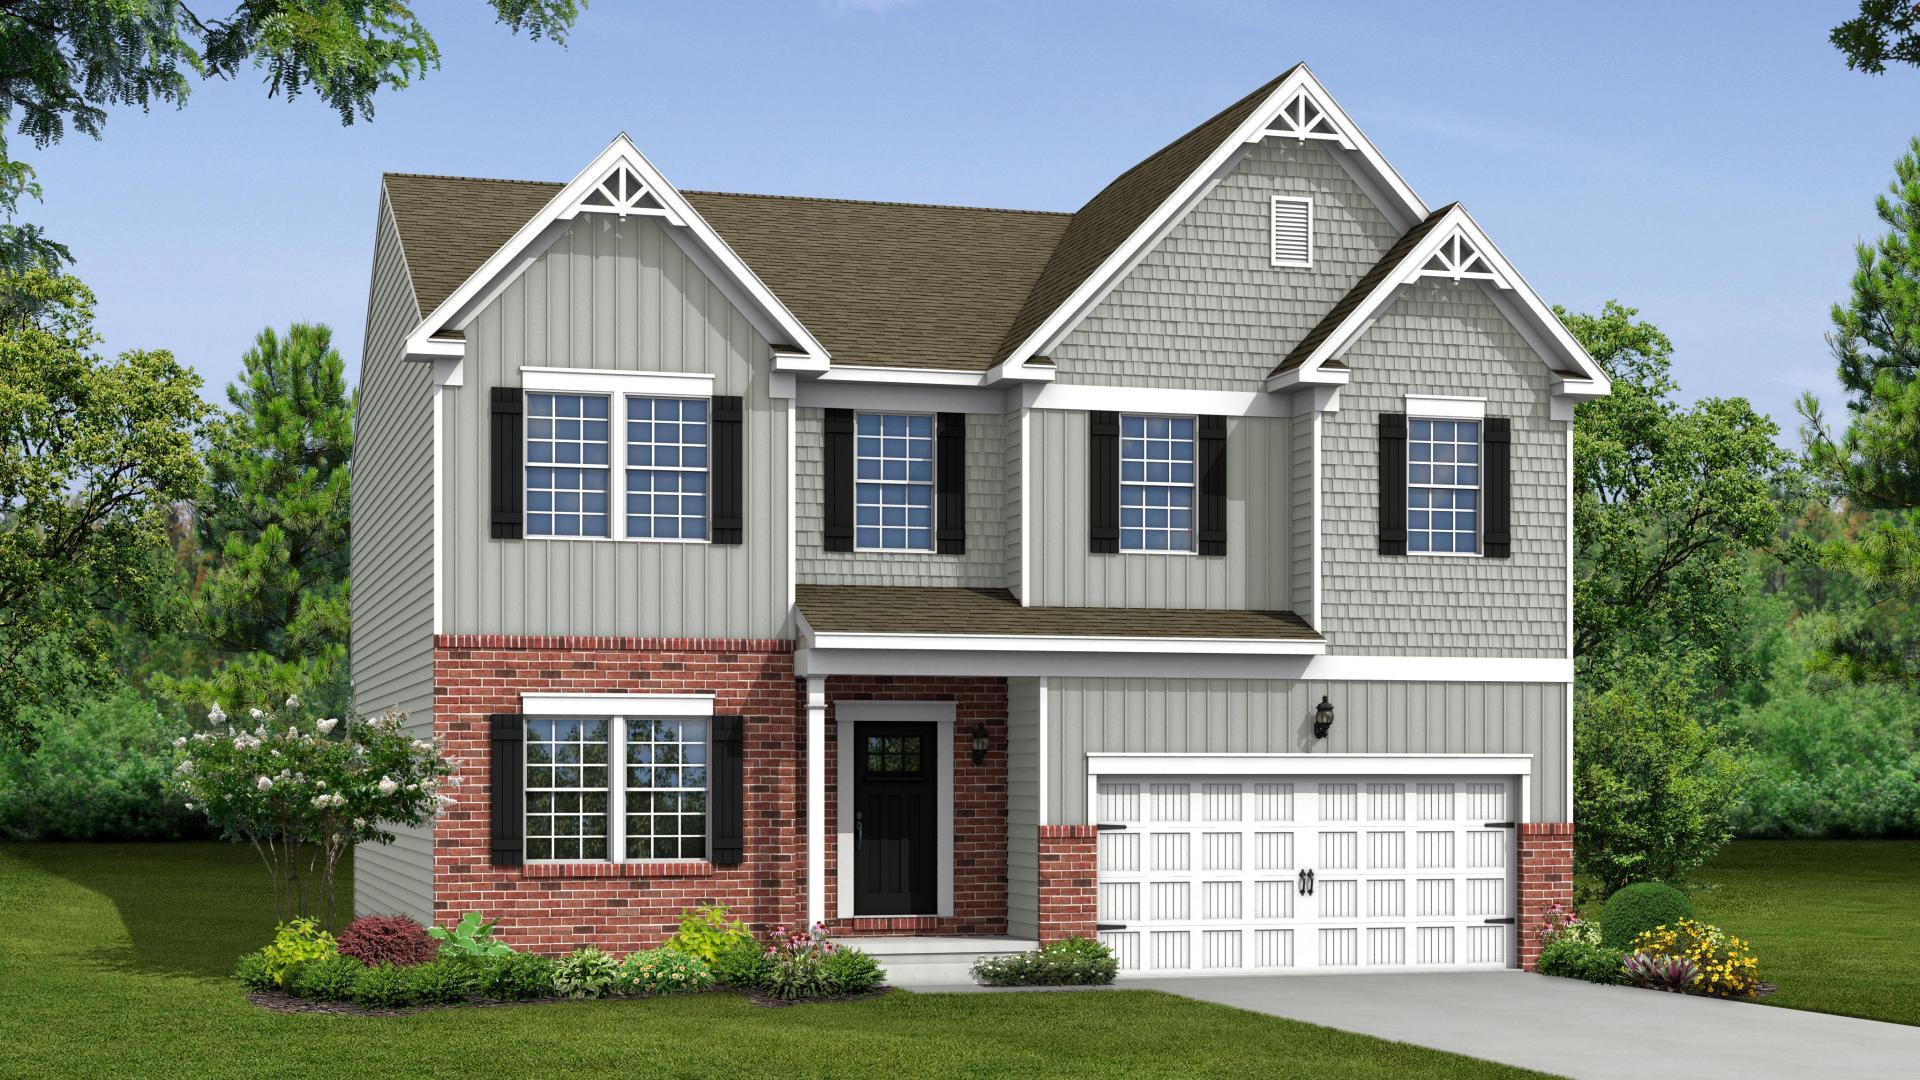 Exterior:Elevation: K Opt Carolina Partital Brick Facade, Porch, & Garage Door